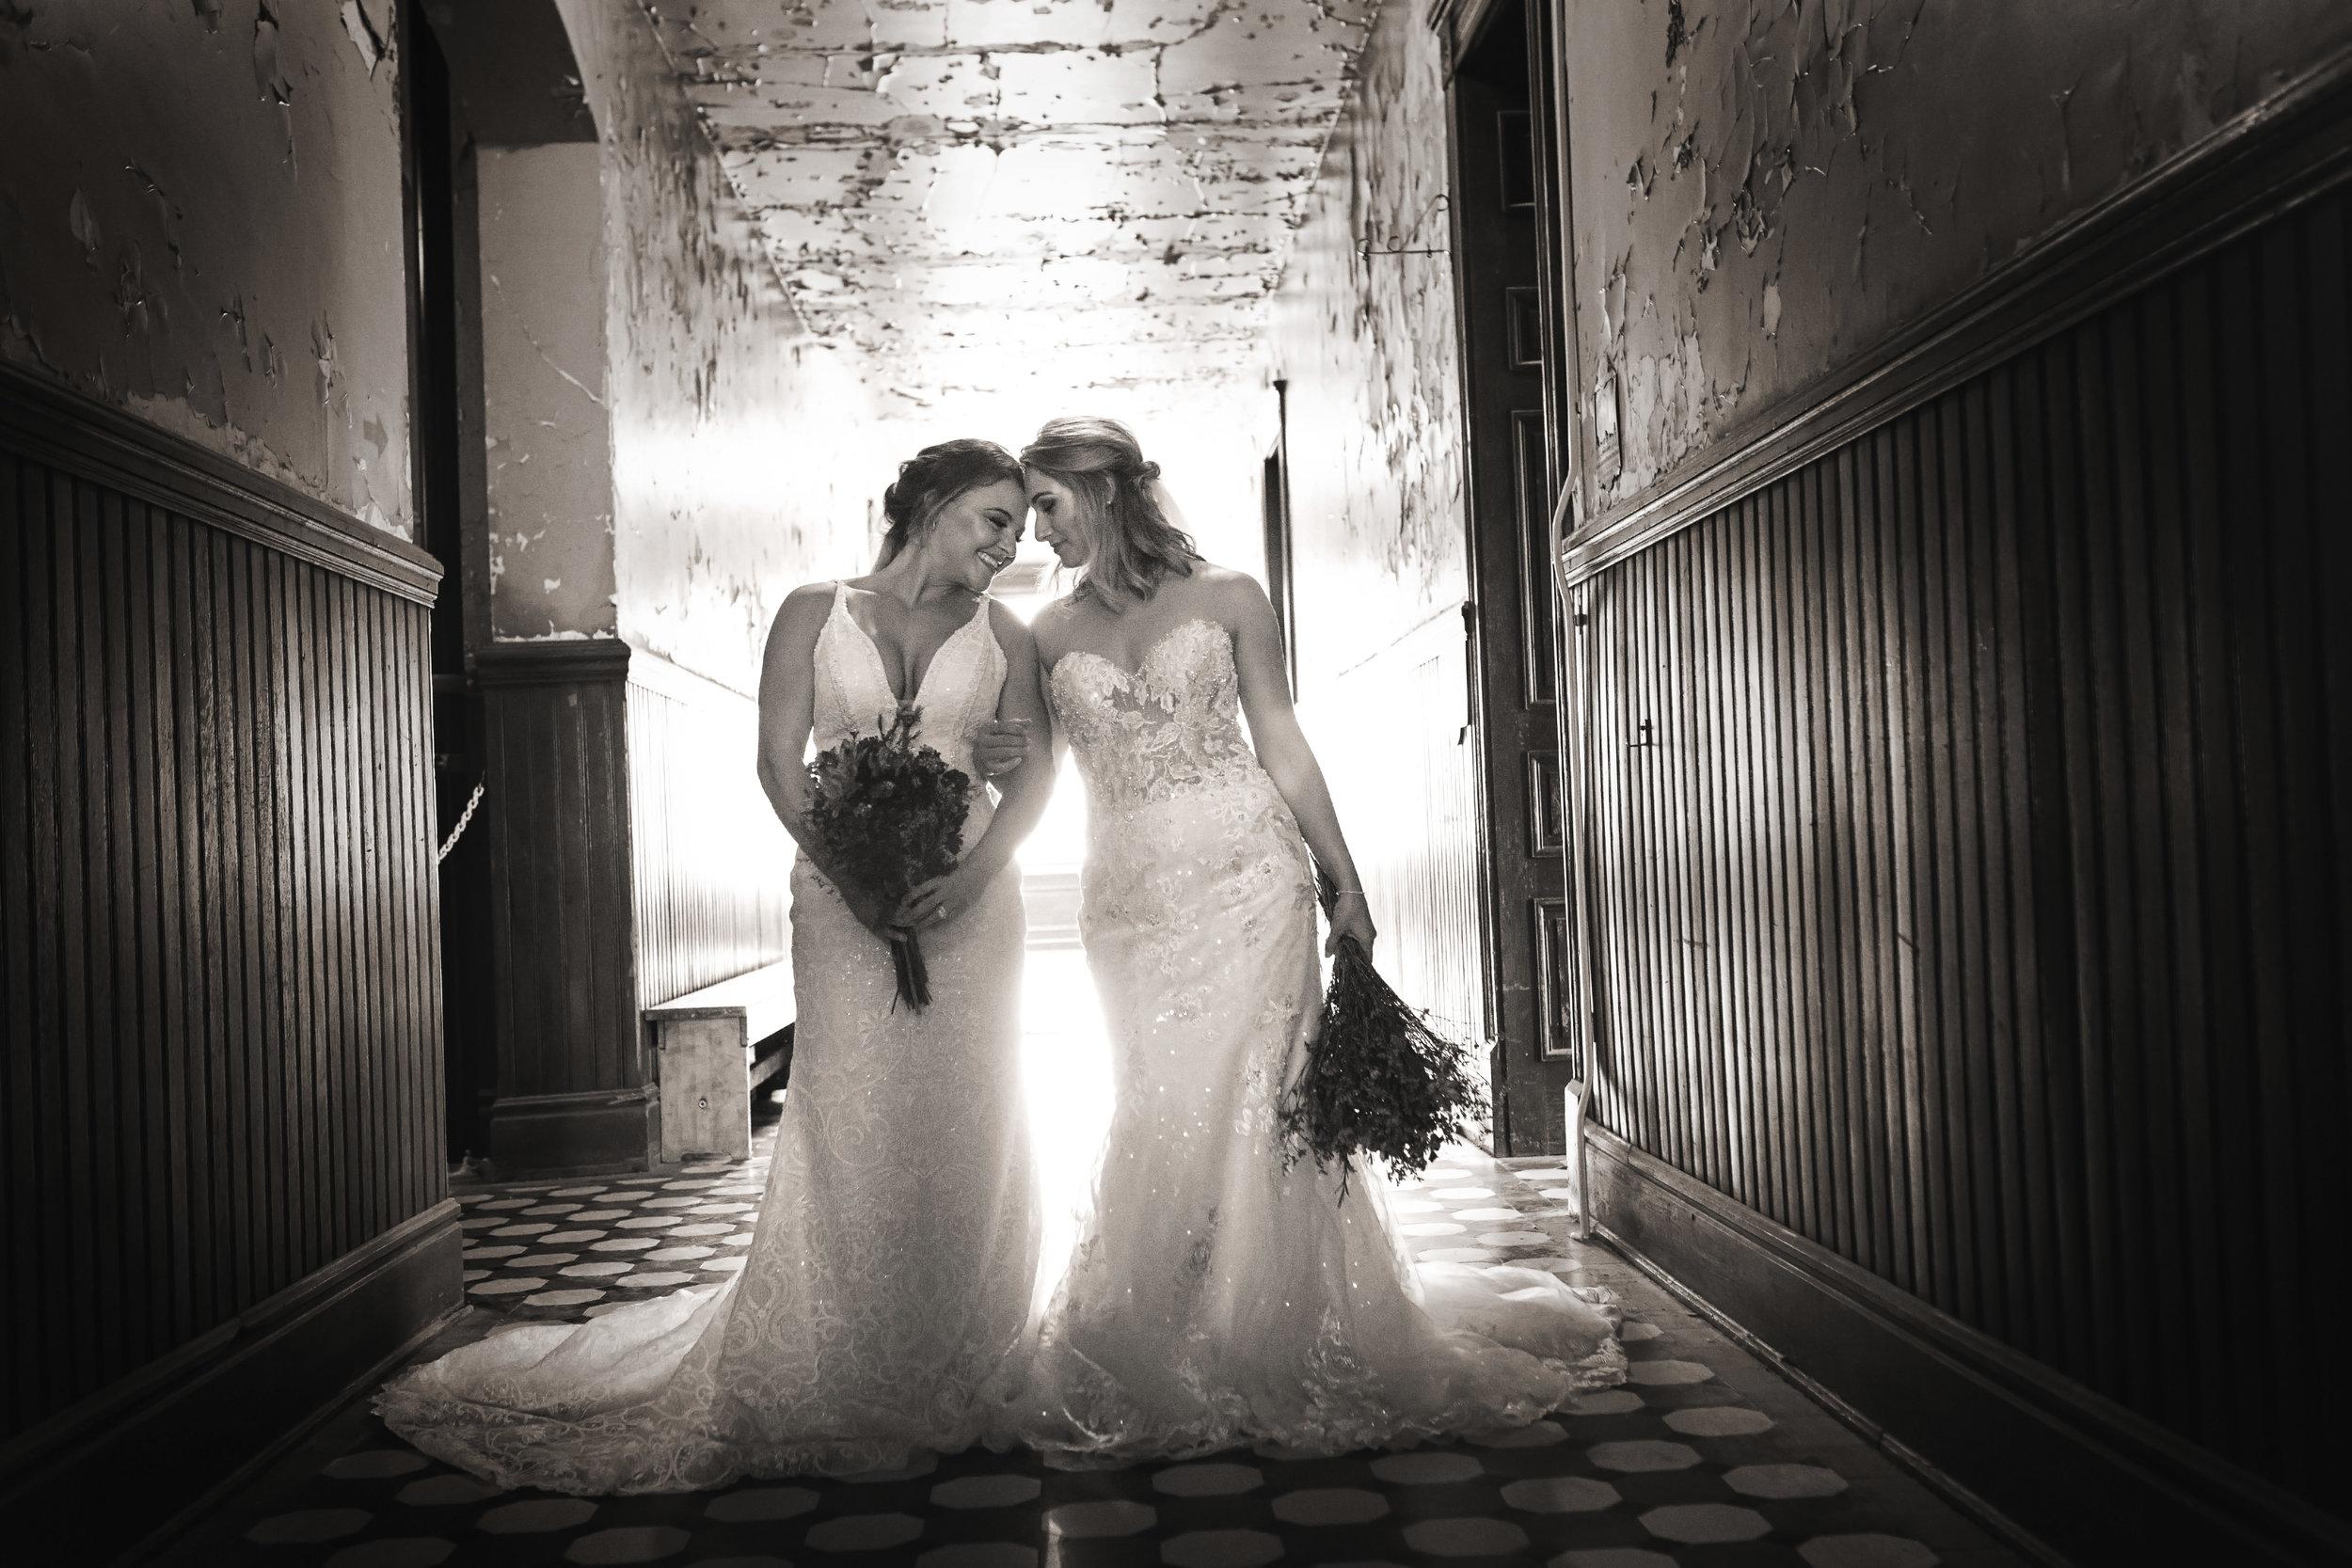 SAME SEX WEDDING, TWO BRIDES, SHAWSHANK PRISON, CINCINNATI BRIDES